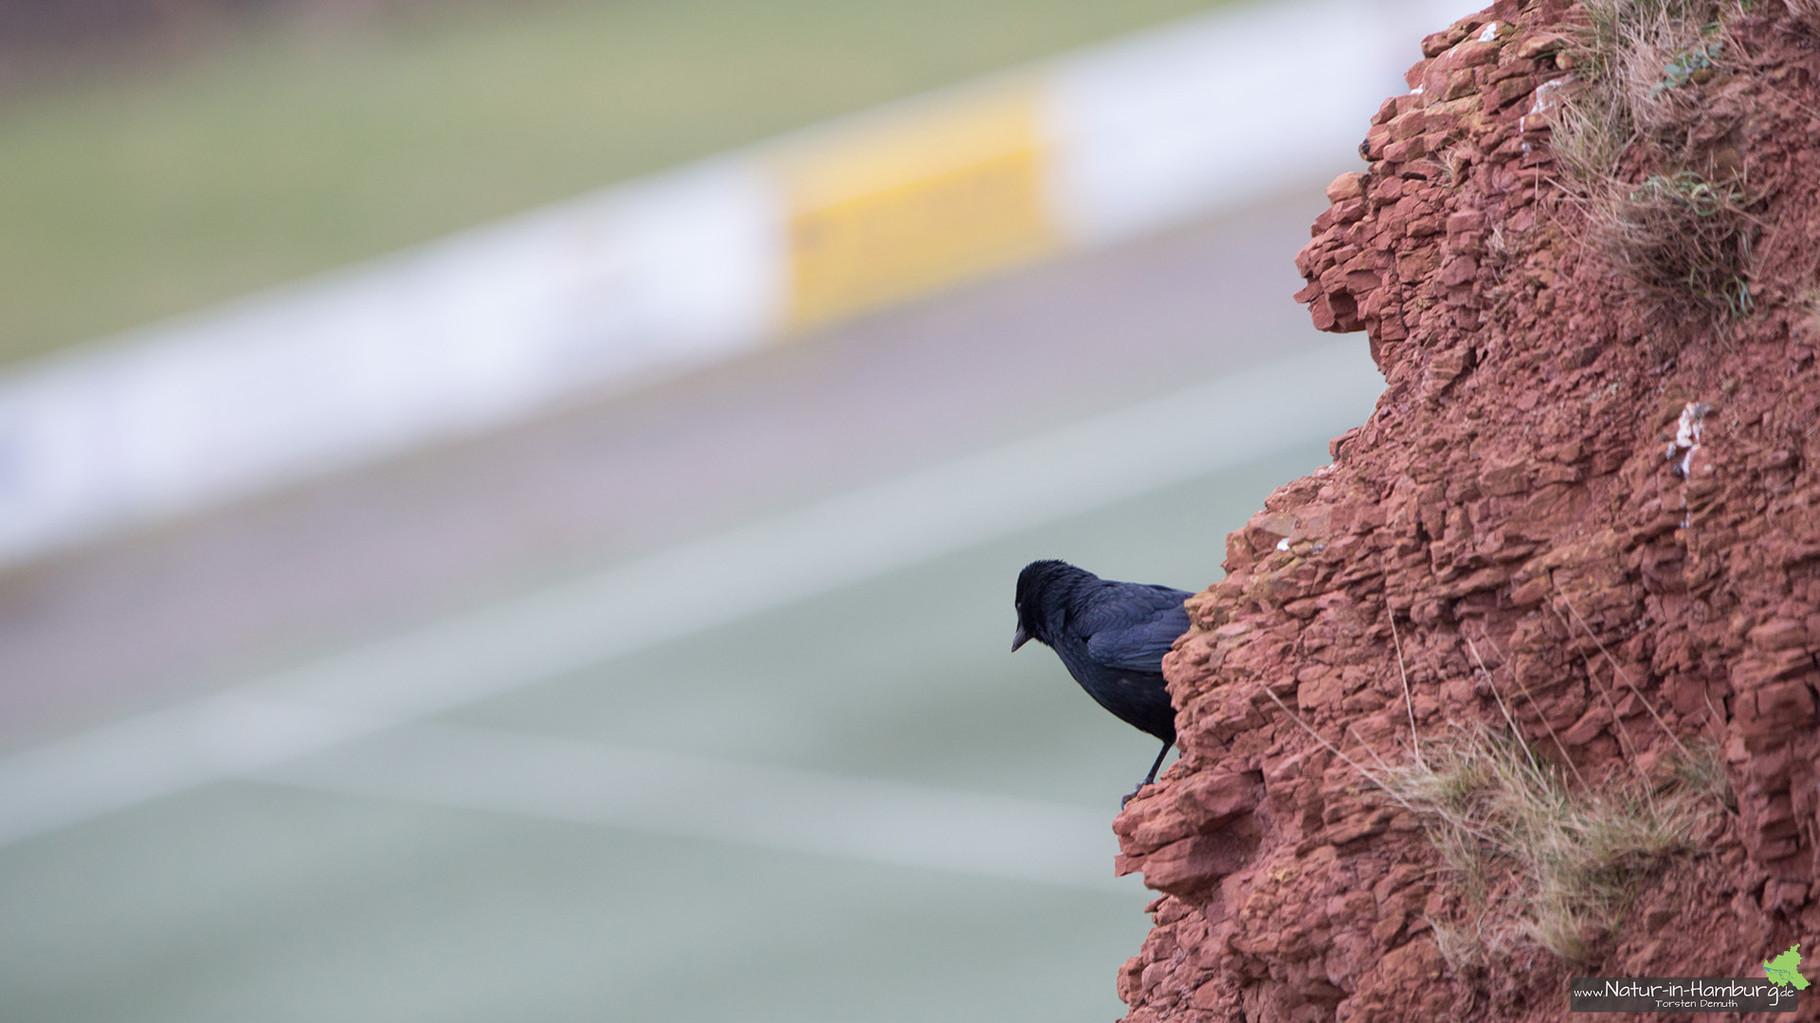 Diese Rabenkrähe scheint sich zu fragen, wann das nächste Spiel angepfiffen wird